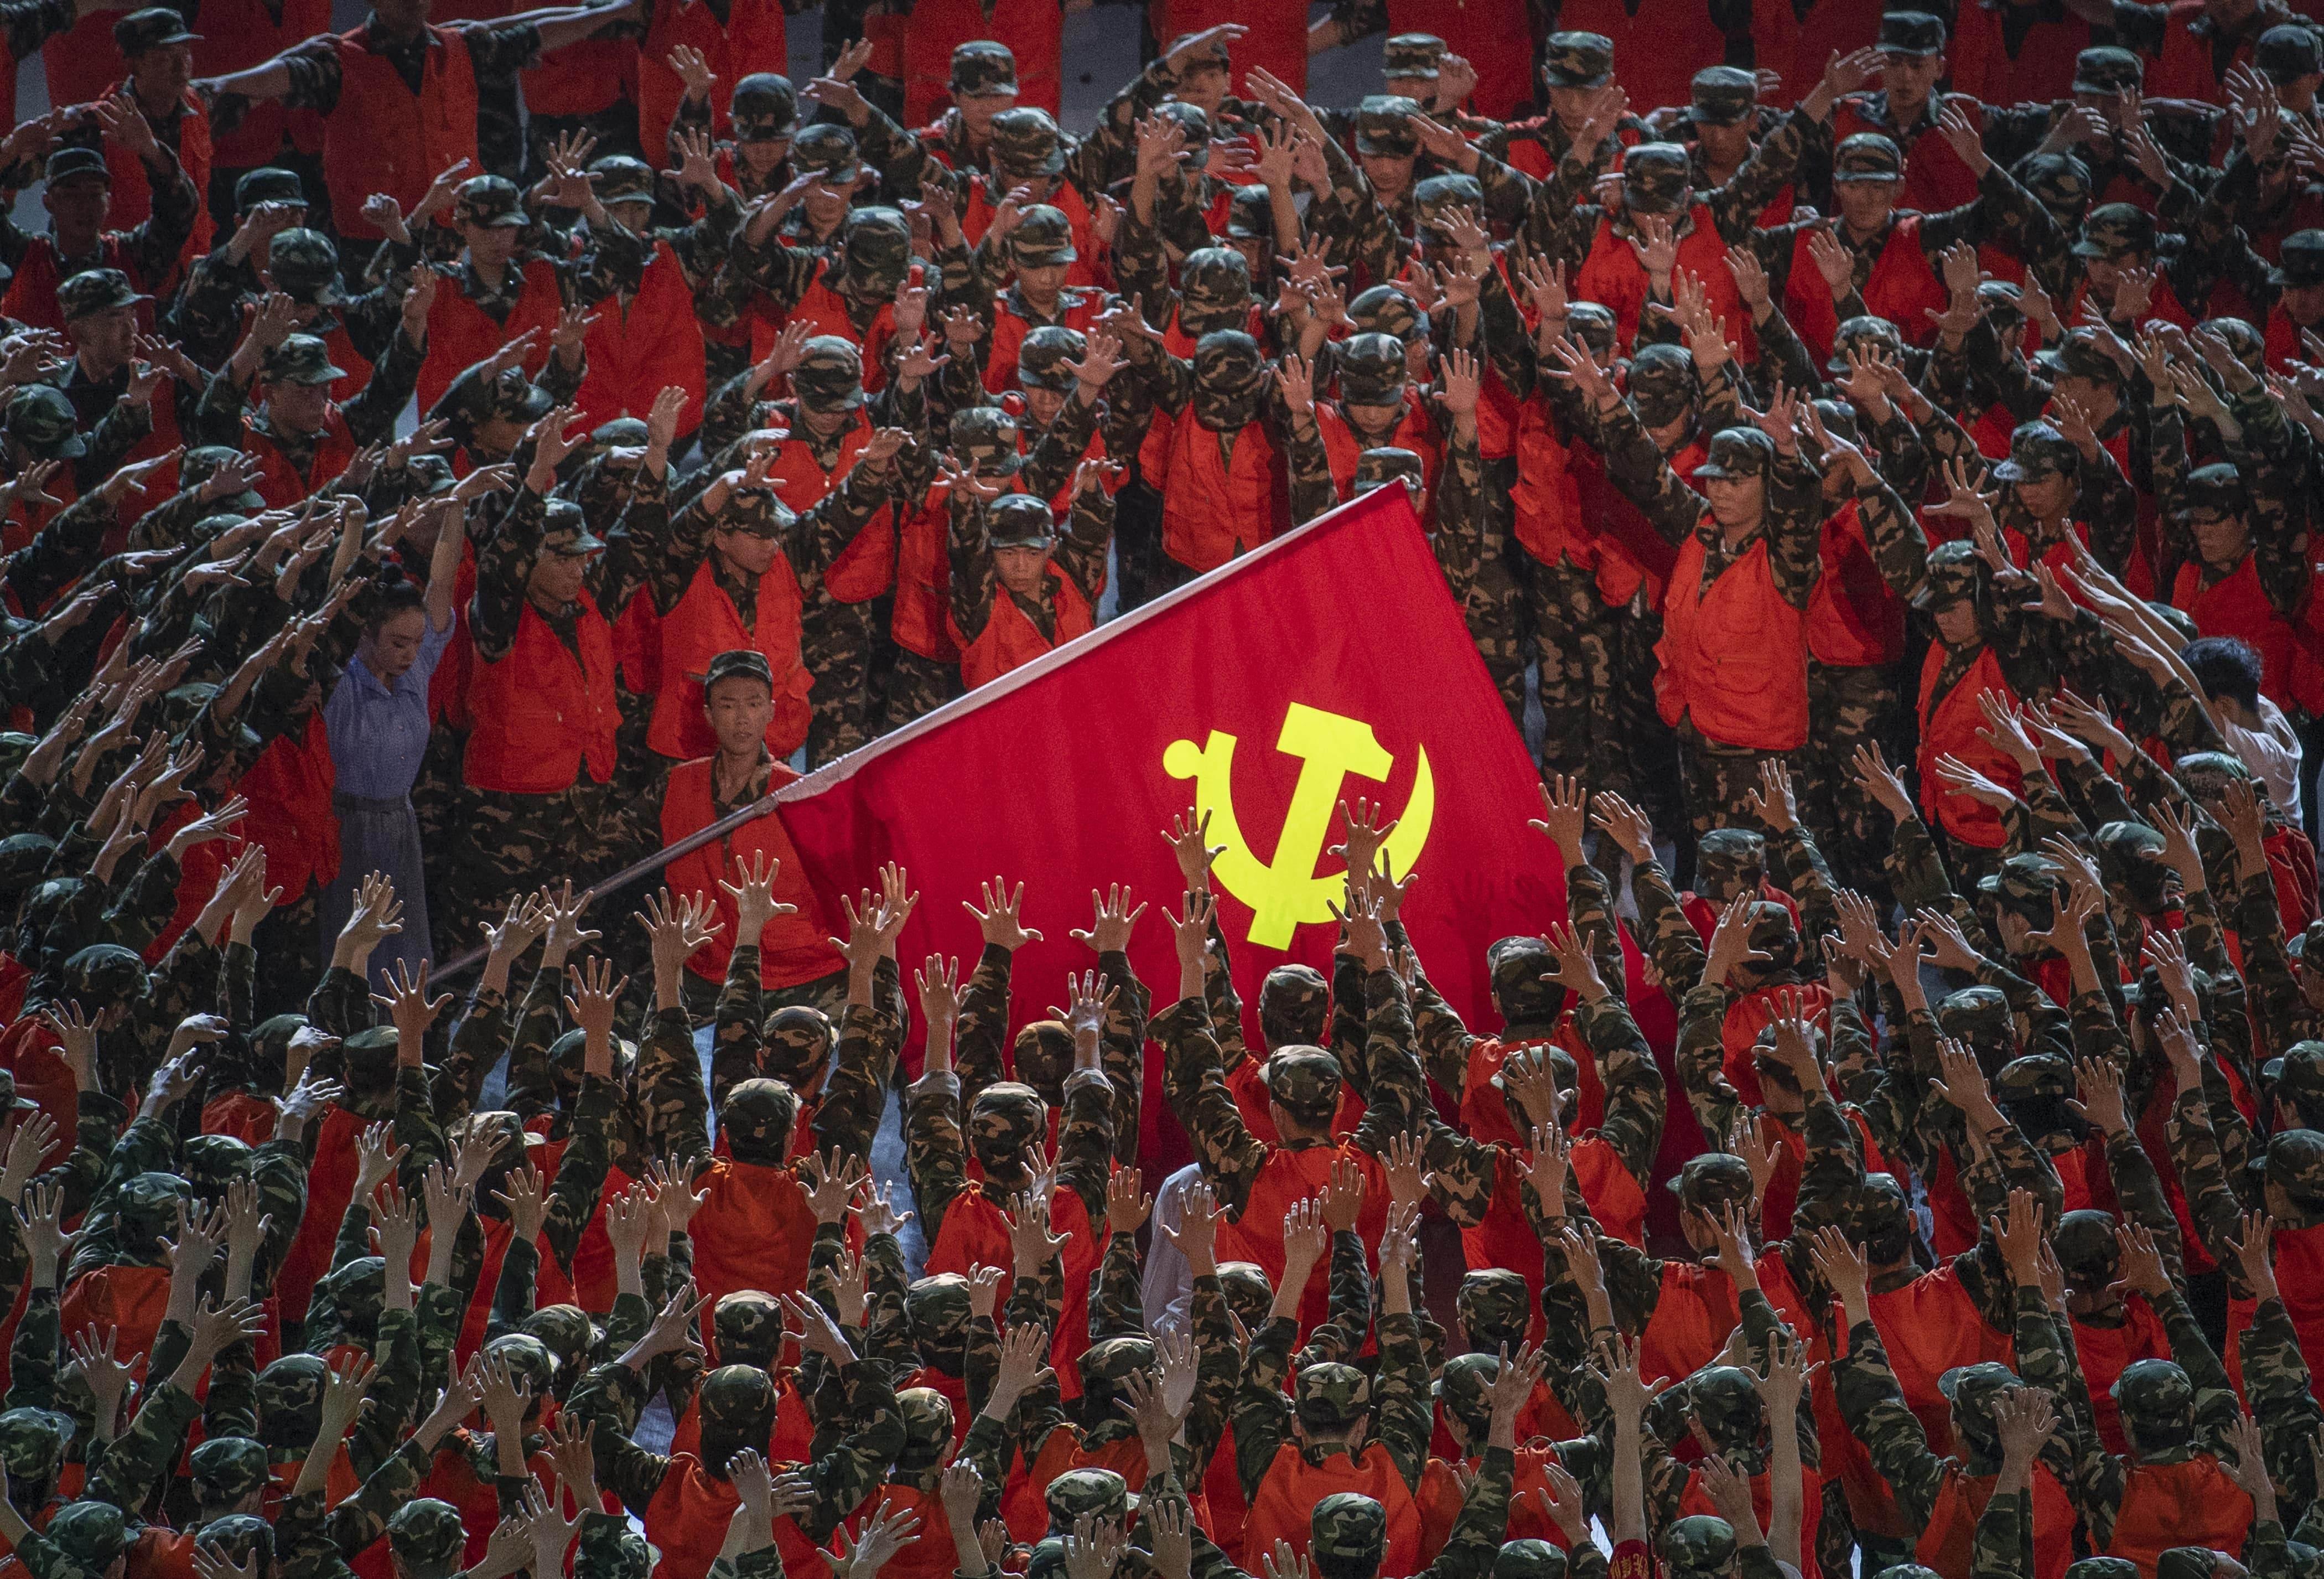 Artistas durante comemoração do centenário do Partido Comunista da China